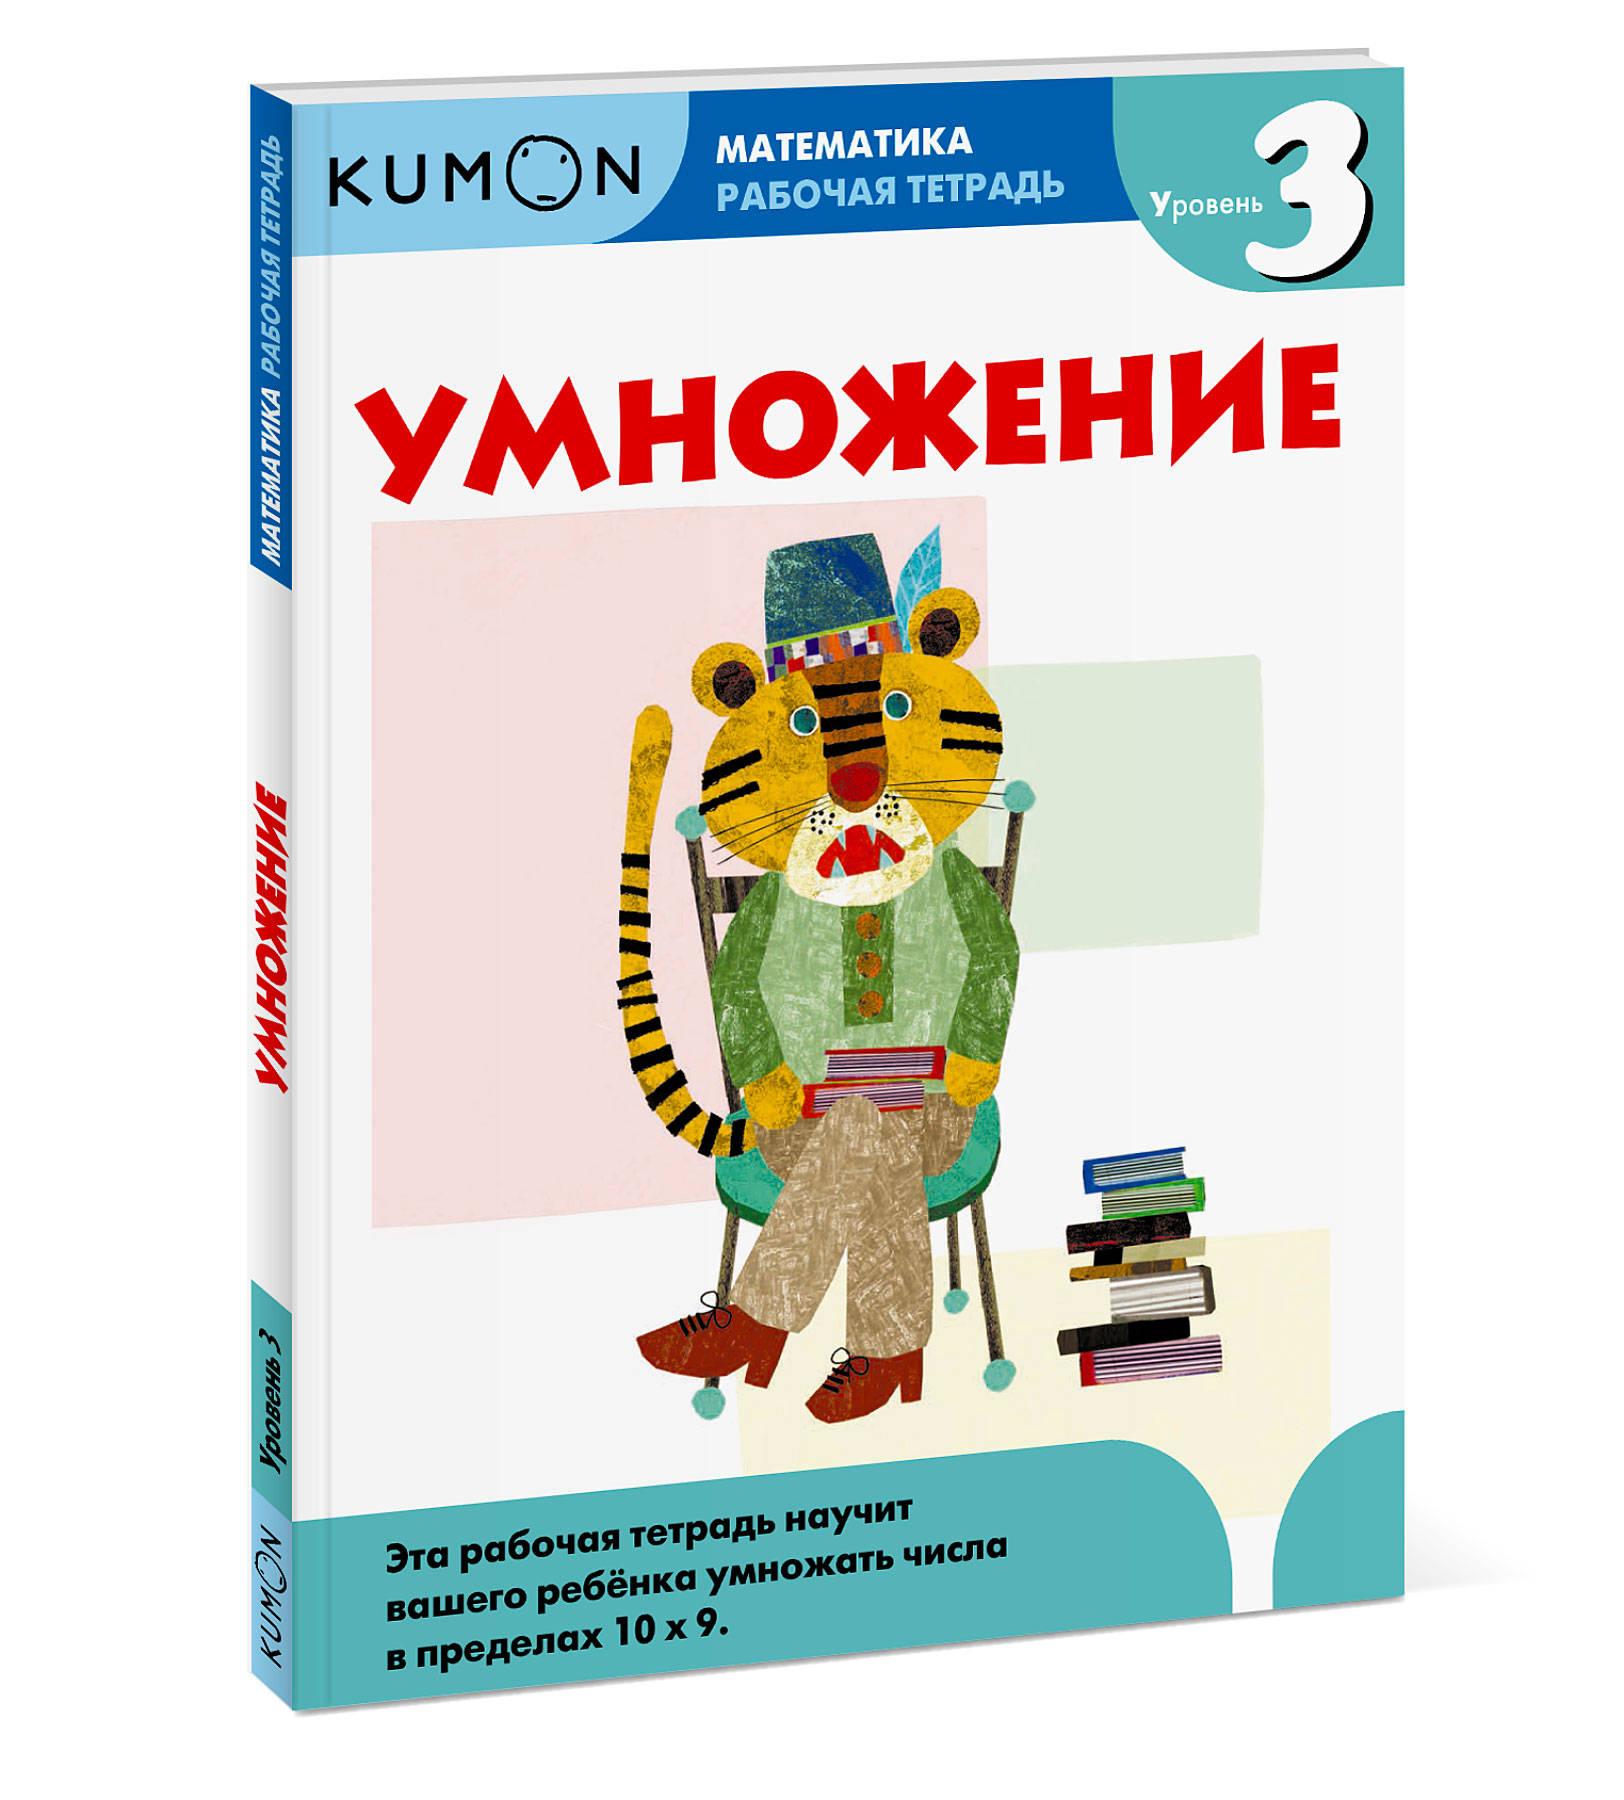 KUMON Математика. Умножение. Уровень 3 Kumon kumon математика рабочая тетрадь единицы измерения и геометрия уровень 3